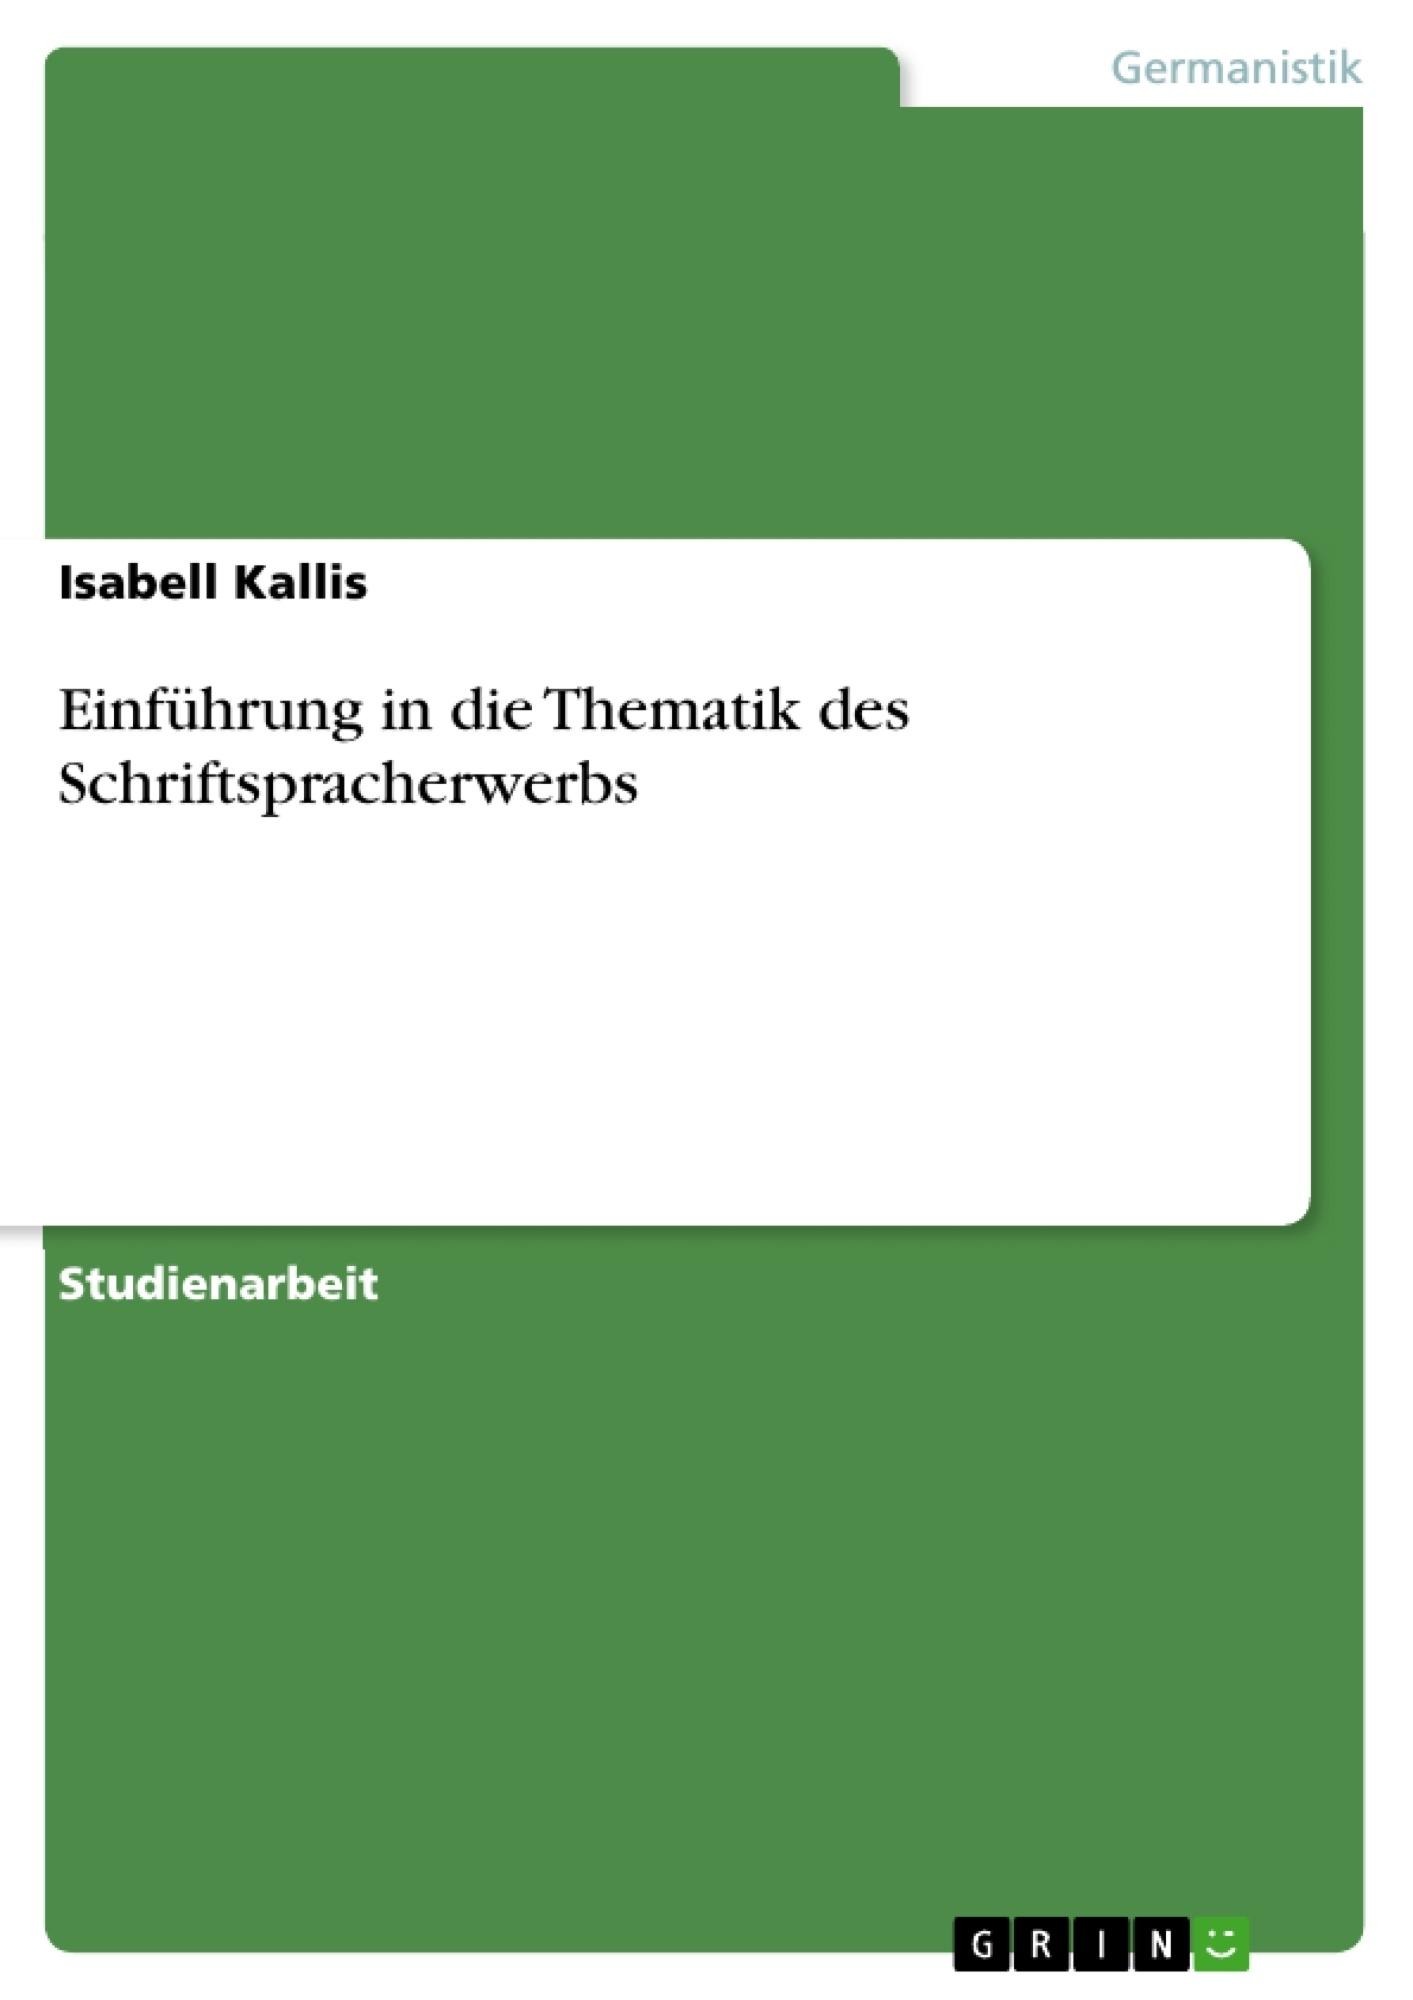 Titel: Einführung in die Thematik des Schriftspracherwerbs